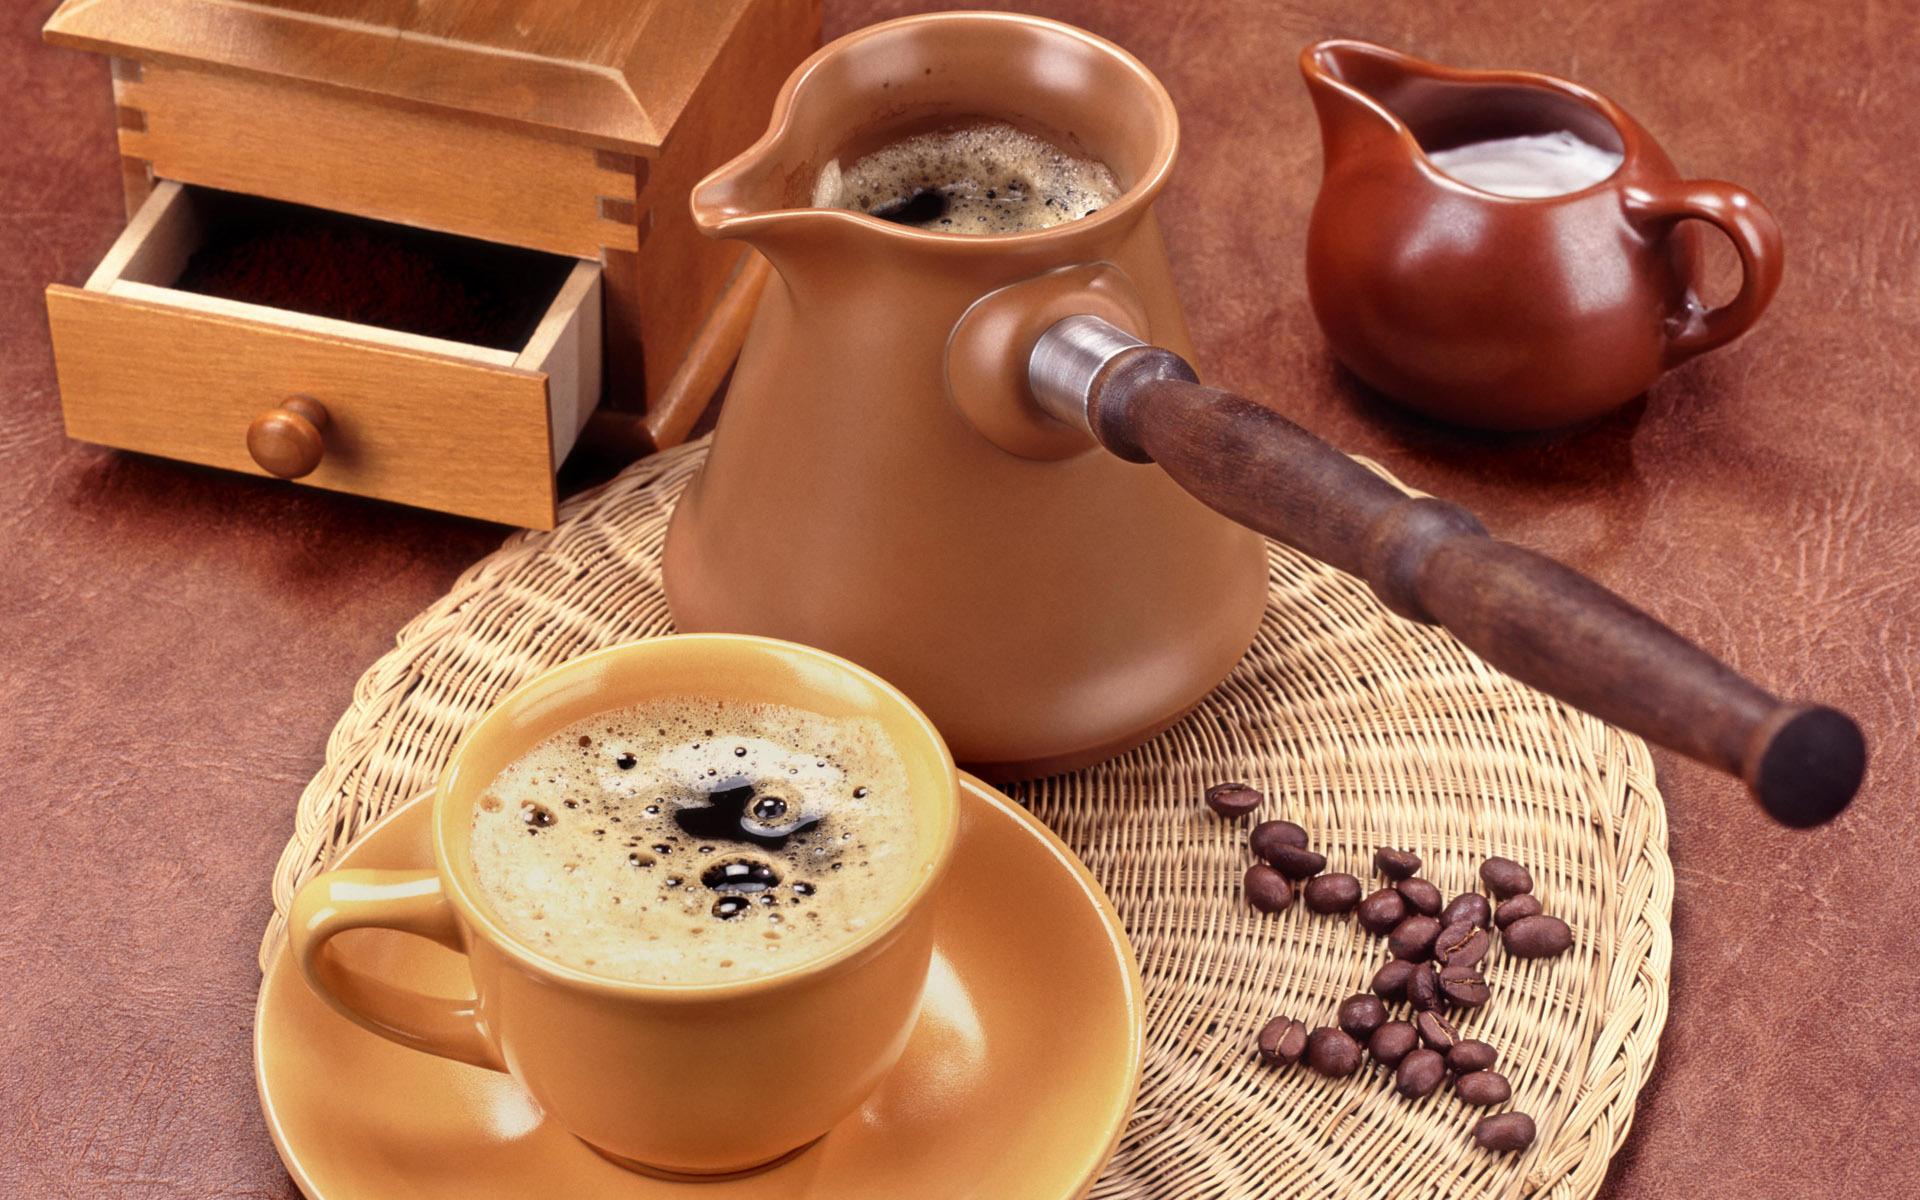 гель подборка картинок кофе породы имеют